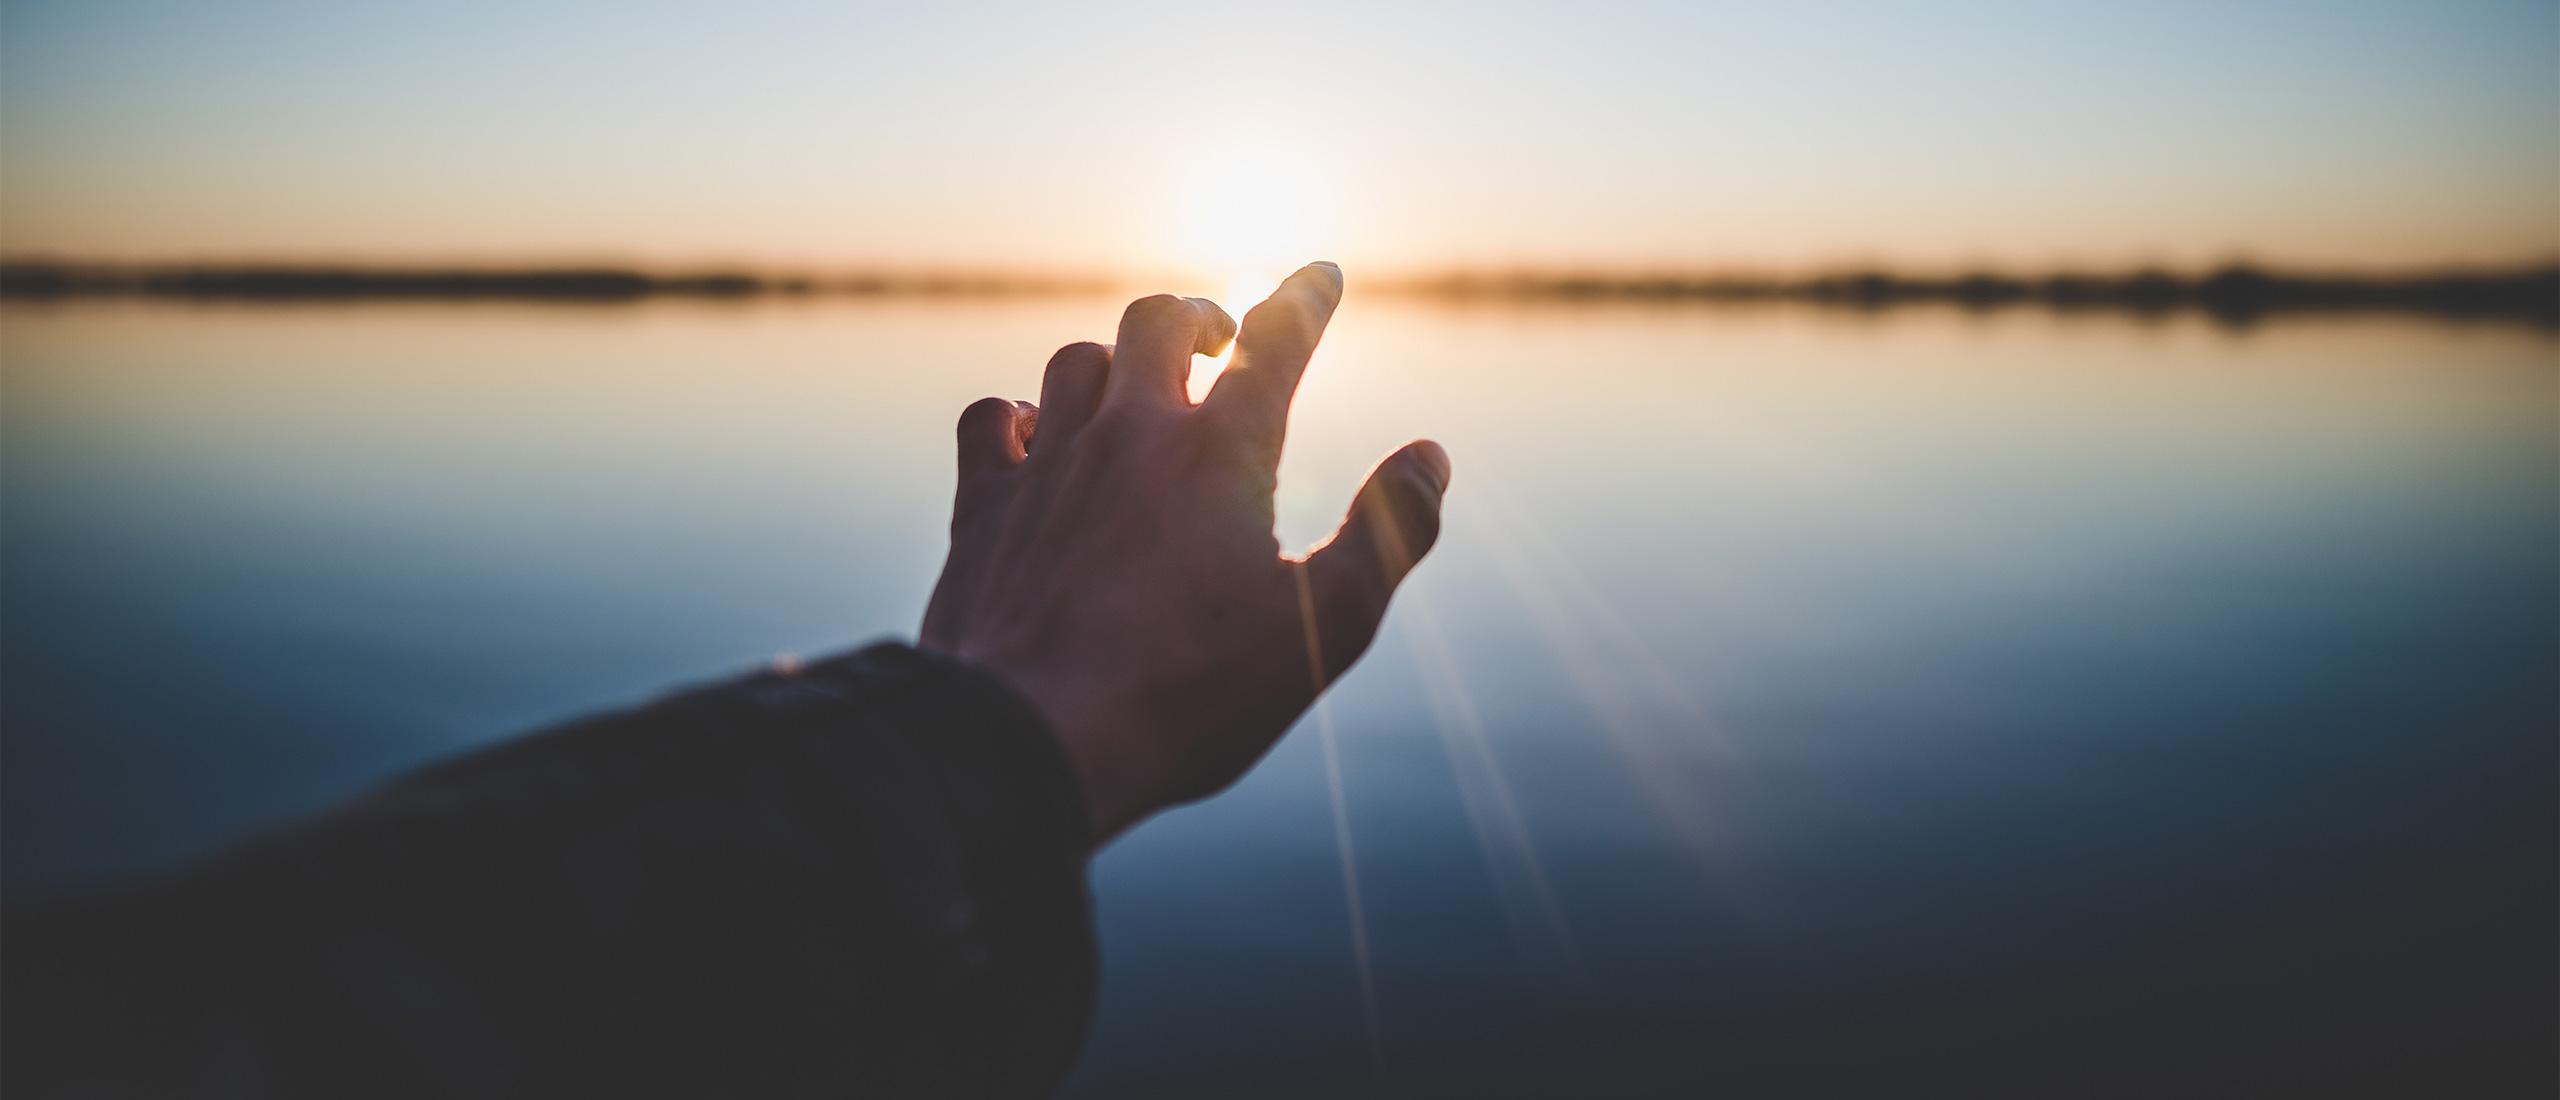 """Banner """"Kontakt"""": Ausgestreckte Hand, zeigt auf aufgehende Sonne über Meeres-Hoirzont"""